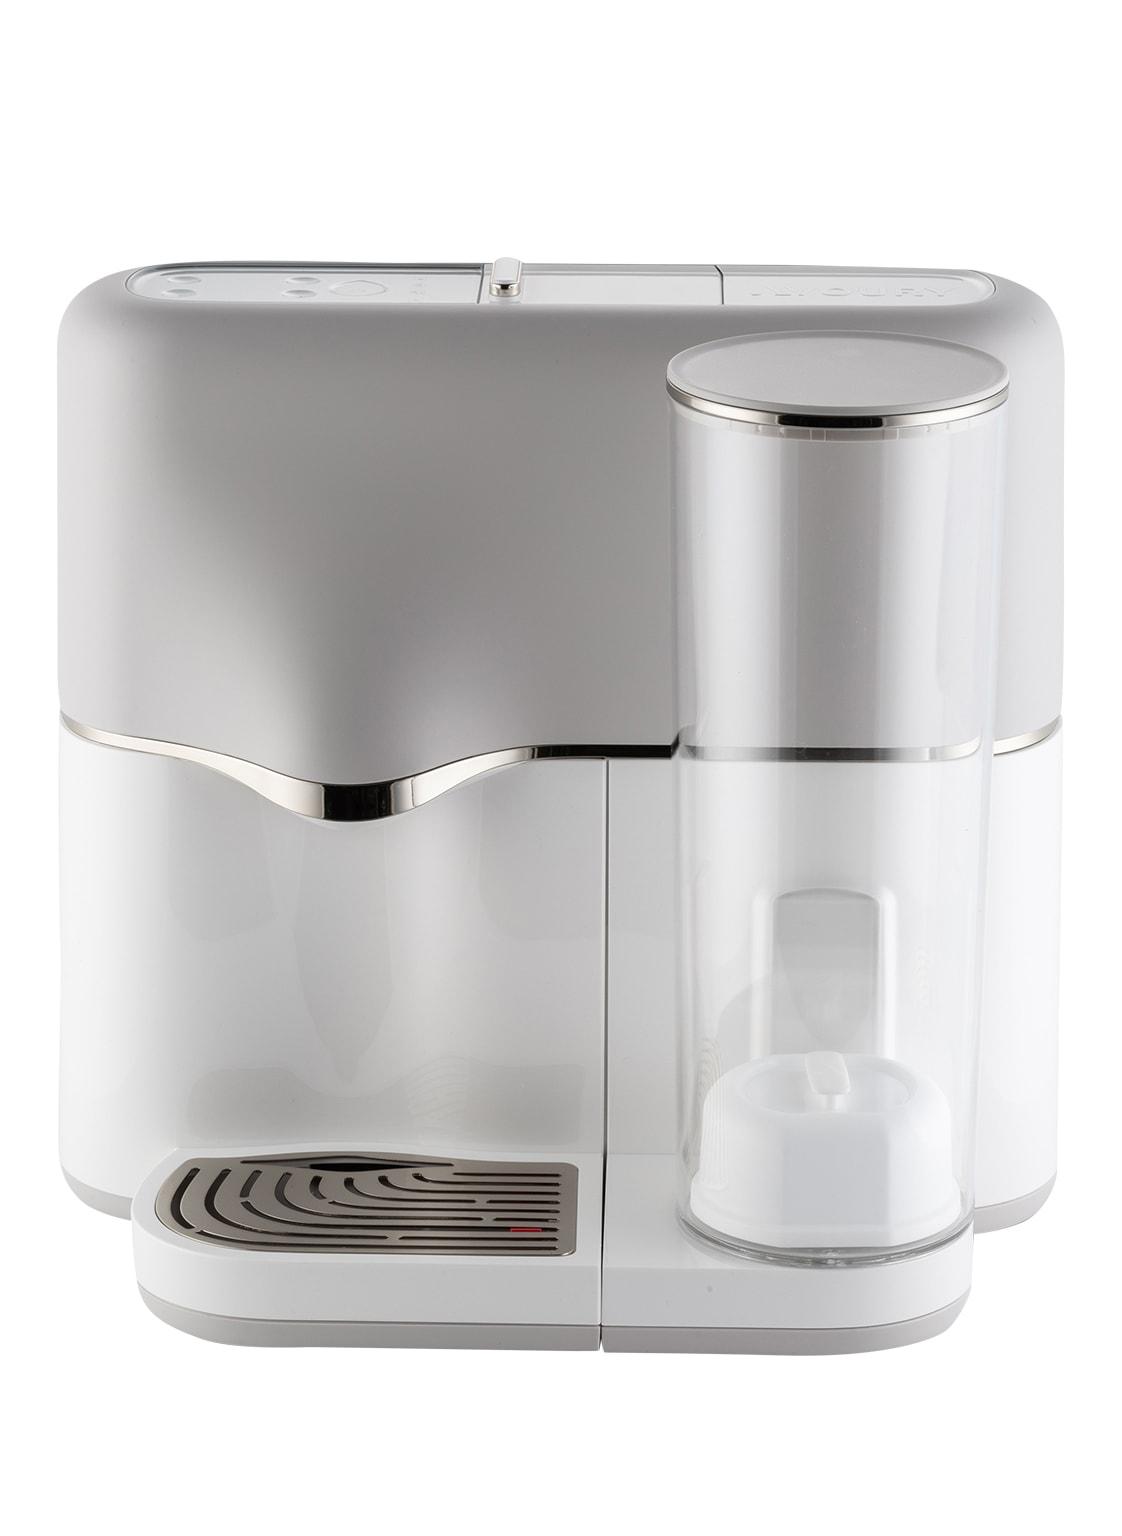 Image of Avoury Teemaschine Avoury One weiss